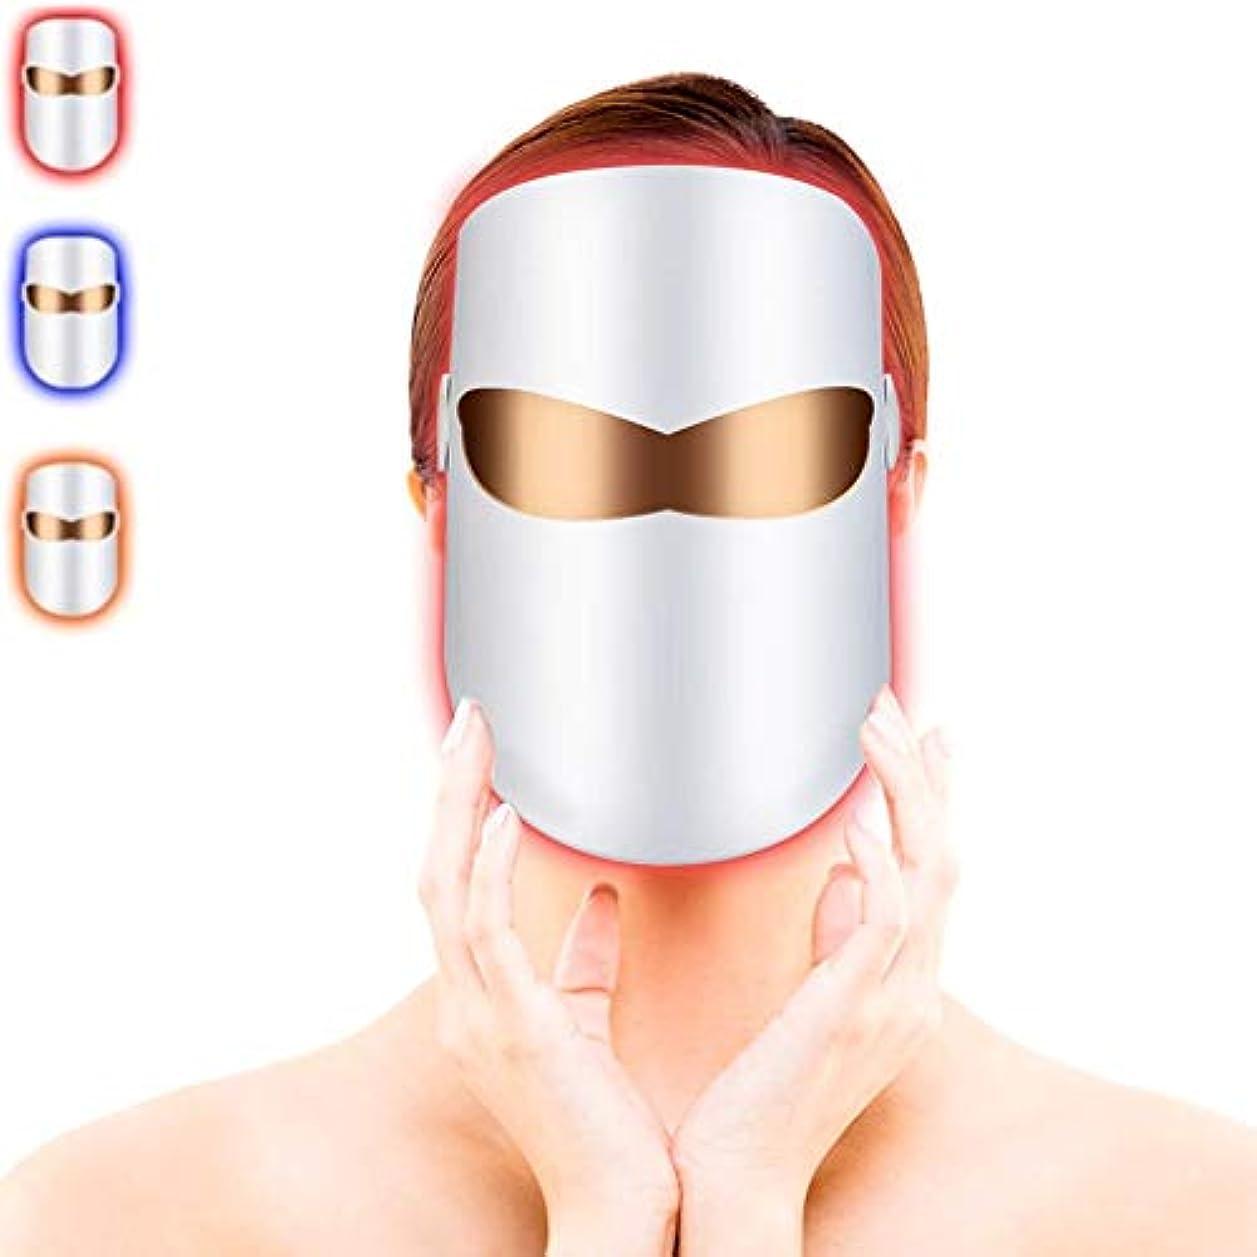 マーク正規化ウォルターカニンガムLEDフェイシャルマスク、ライトセラピーフェイスマスクにきび治療、LEDフォトンセラピーフェイシャル美容マスクにきびスポットのしわコラーゲンコラーゲンスキンケアの若返りのための無制限の治療